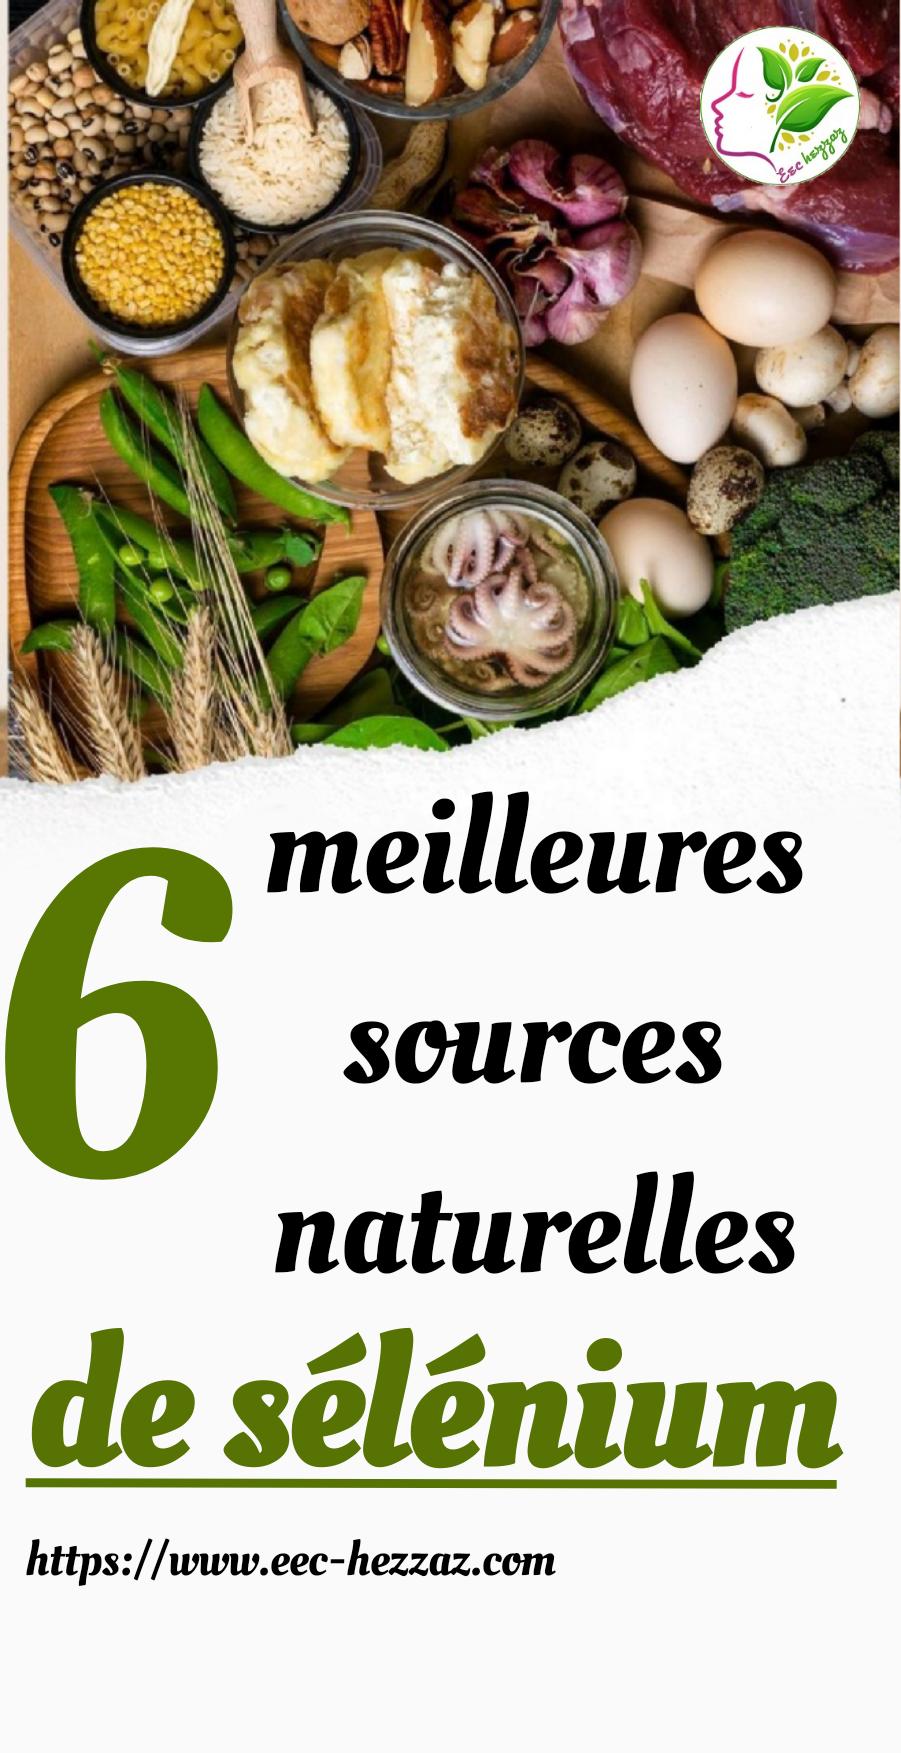 6 meilleures sources naturelles de sélénium